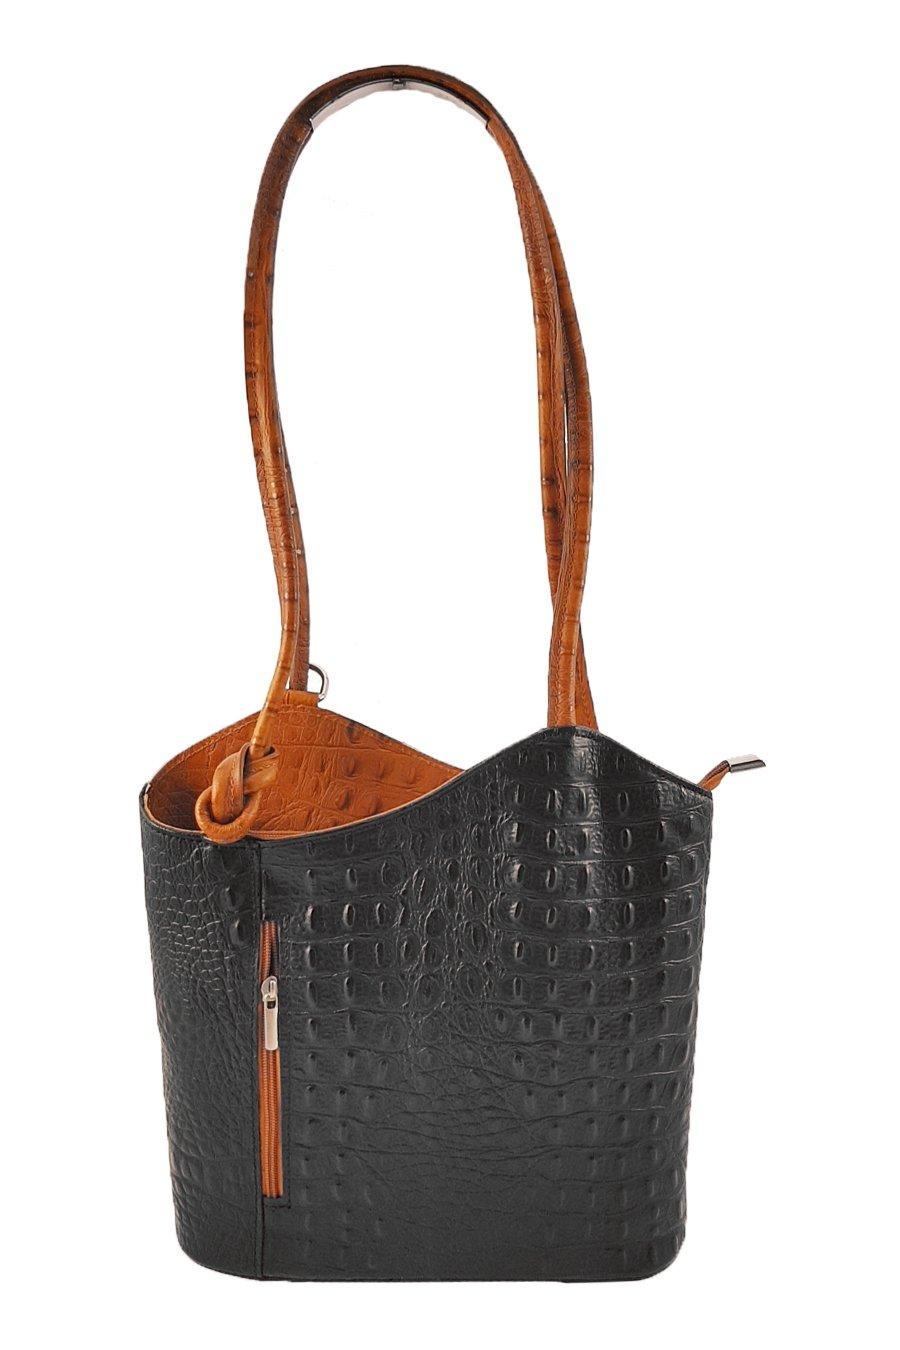 188212fdde4c5 Freyday 2 in 1 Handtasche Rucksack Designer Luxus Henkeltasche aus  Echtleder in versch. Designs product